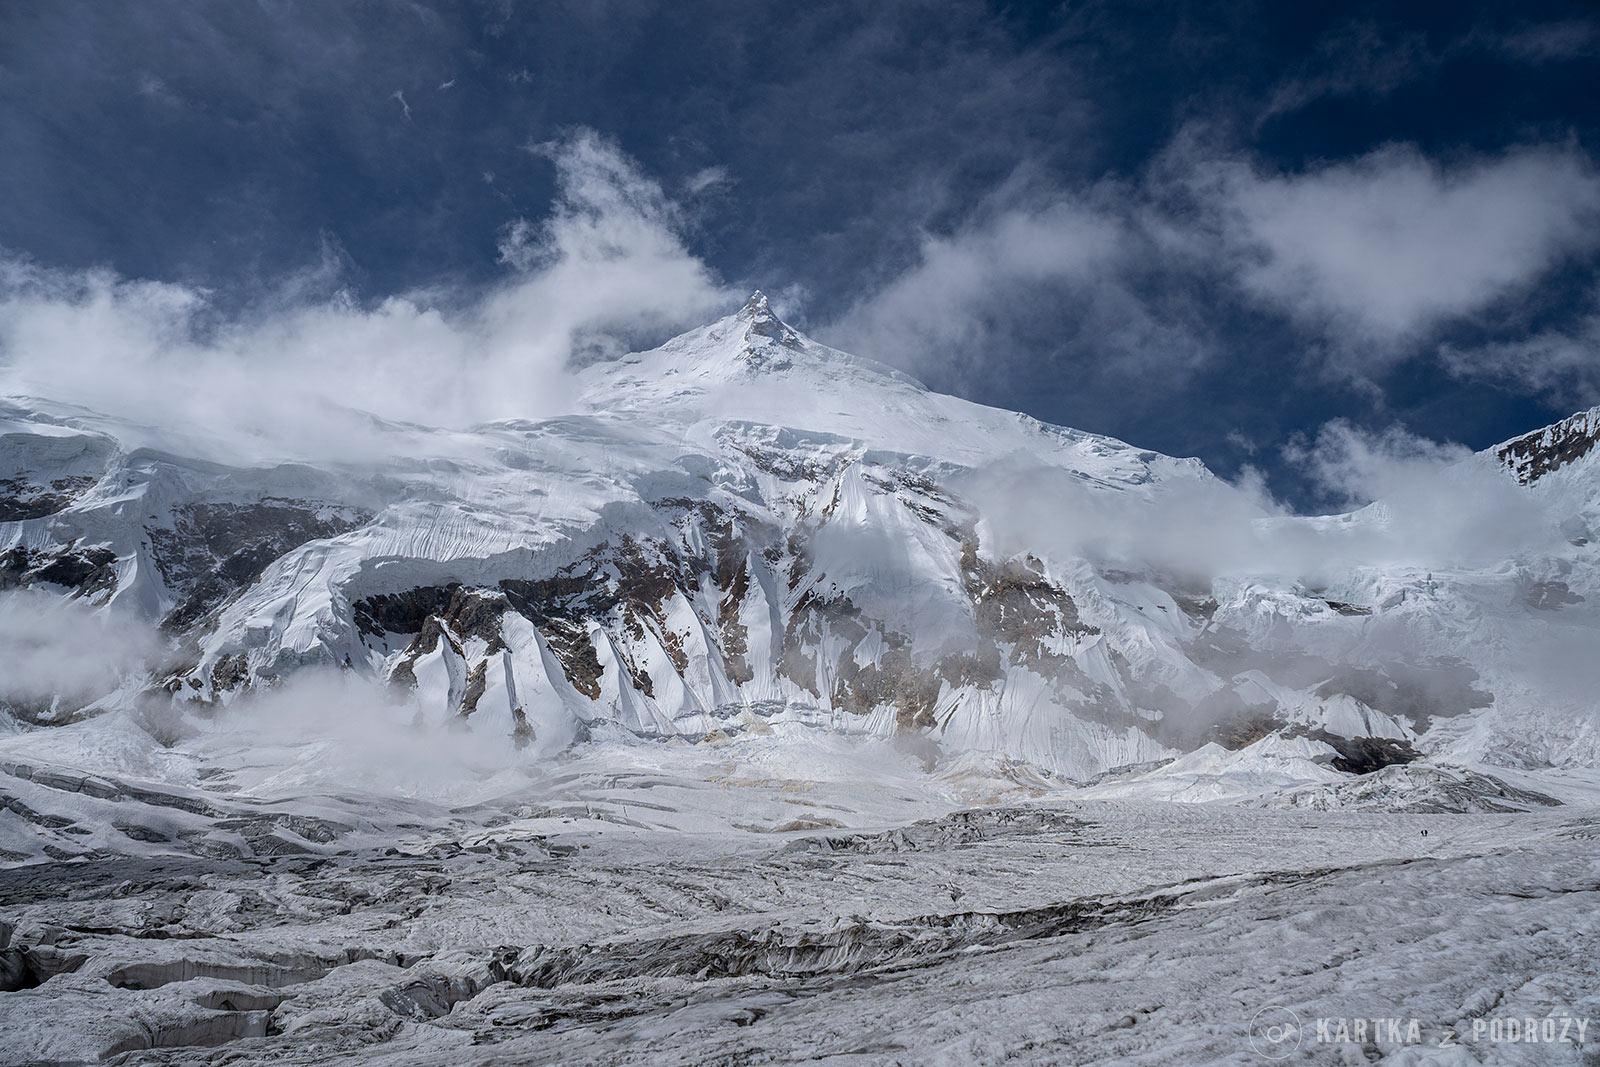 Wyprawa na Manaslu: szczyt z bazy.